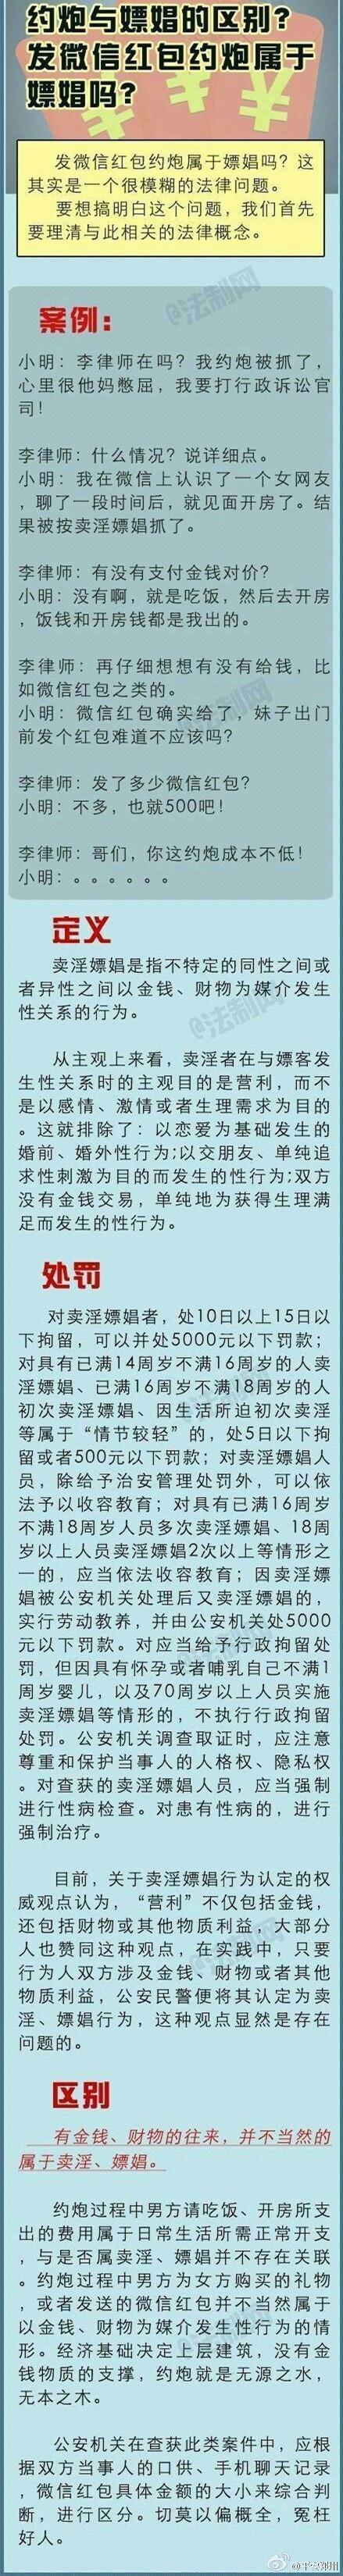 @平安郑州 微博截图